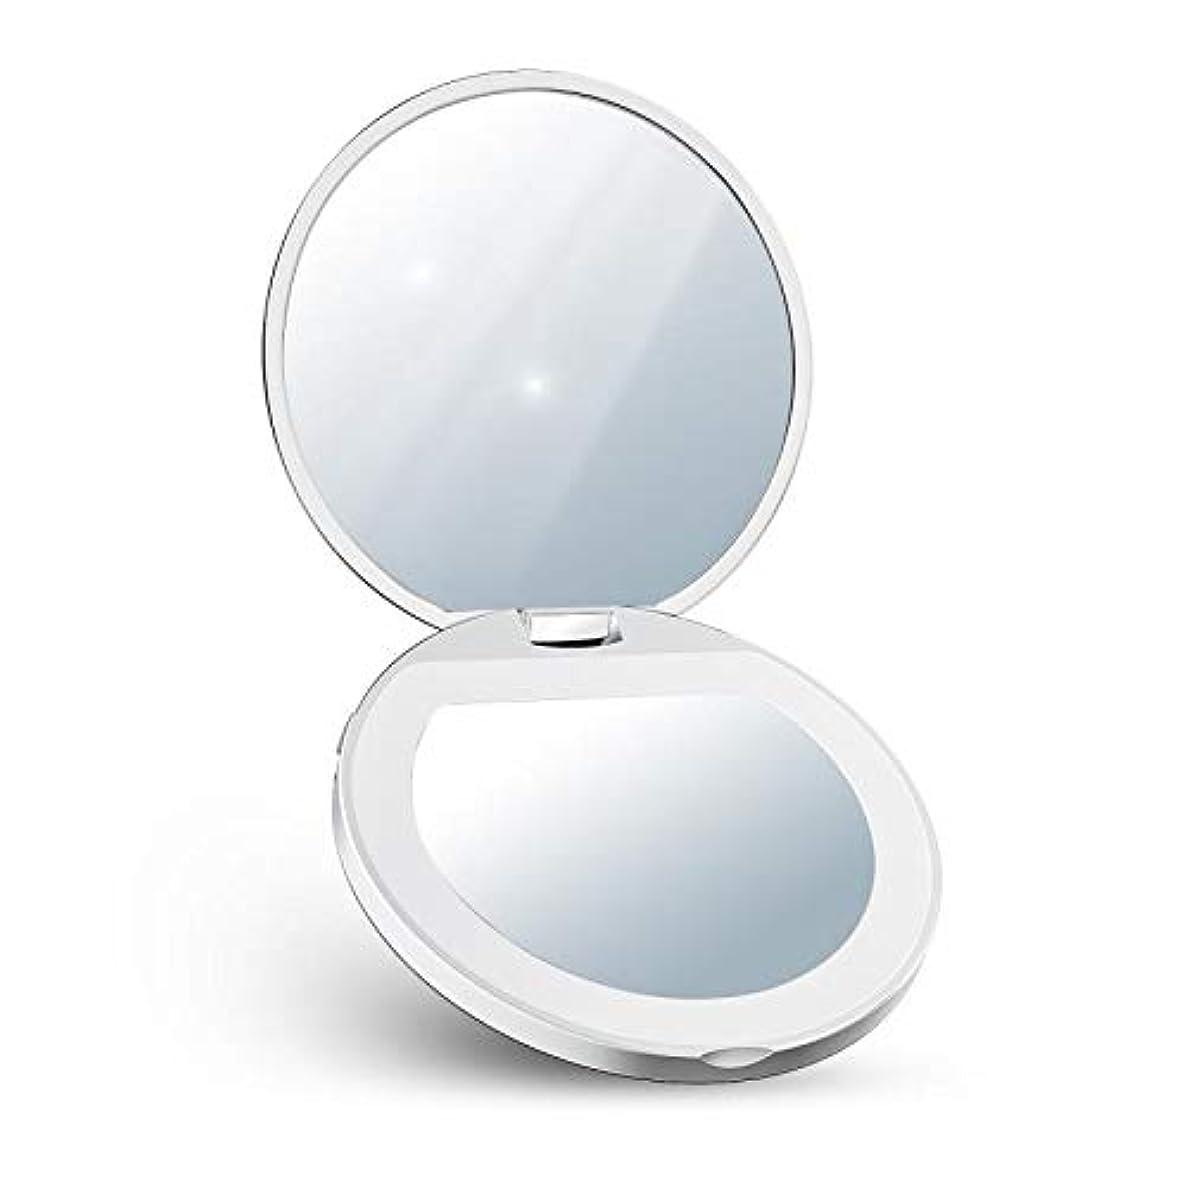 悲しい切断するあいまいLED化粧鏡 ミラー 折りたたみ式 手鏡  コンパクト  おしゃれ 外出 旅行用 持ち運び便利 化粧ミラー 2倍拡大鏡付き 両面コンパクト鏡  LEDライト付き 明るさ調節可能